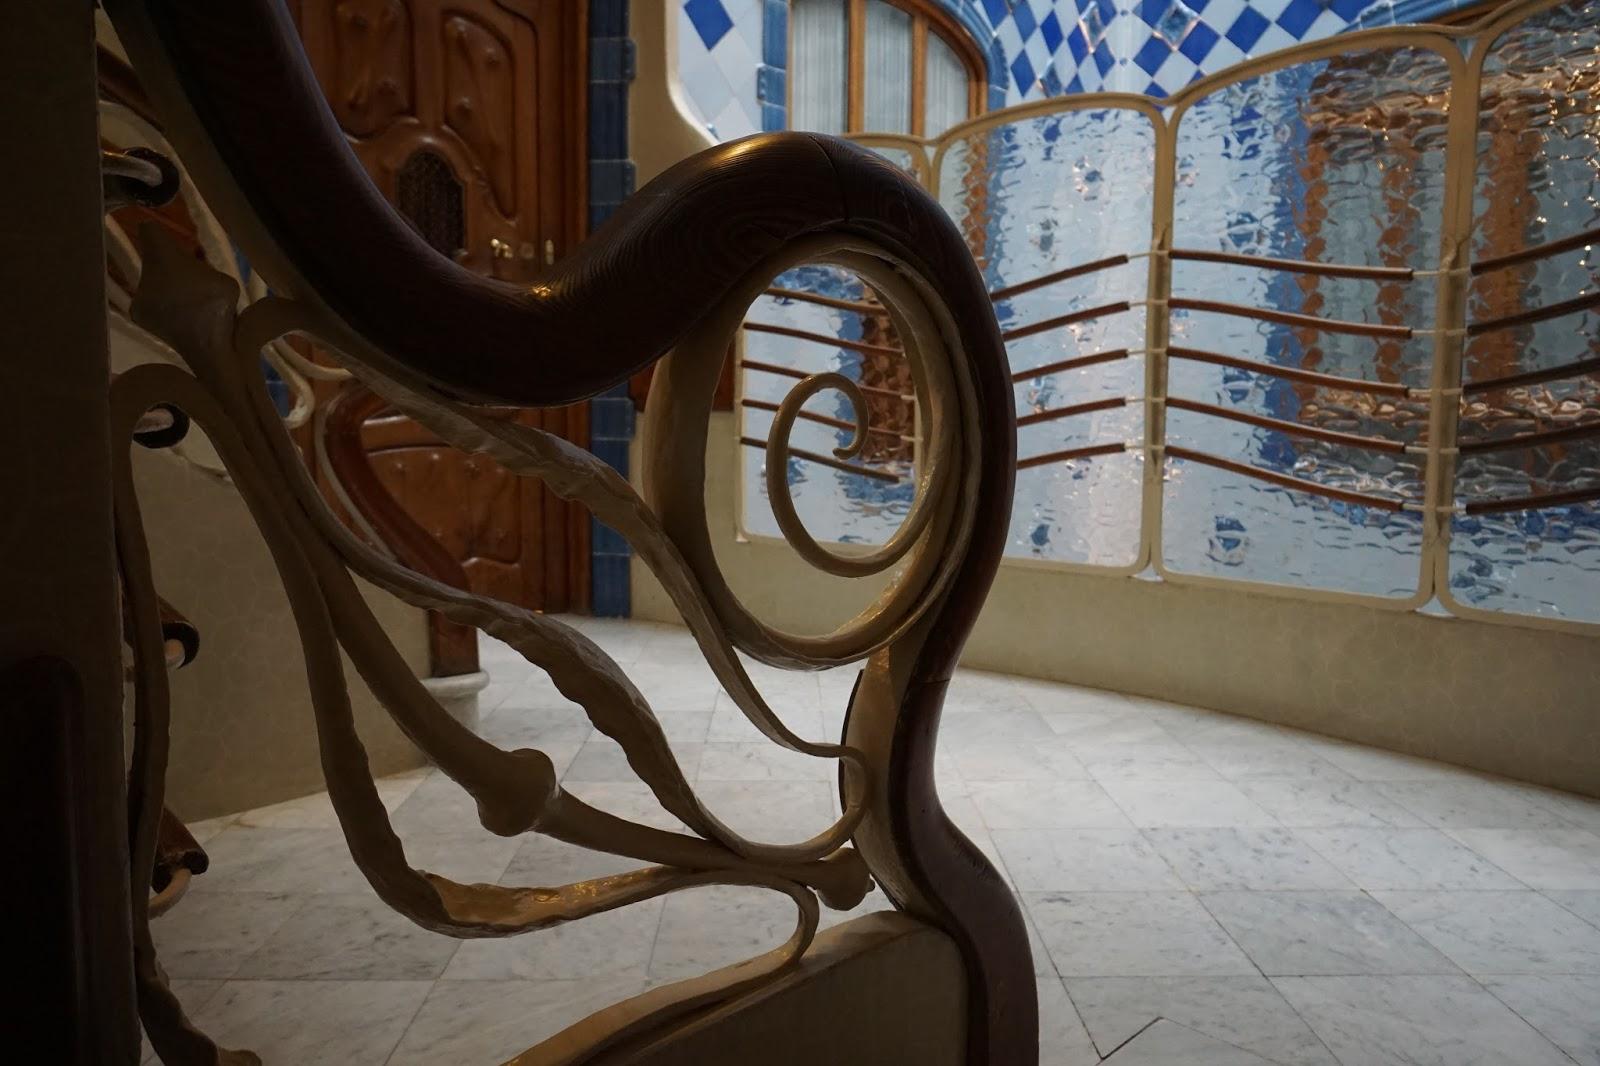 カサ・バトリョ(Casa Batlló) 螺旋状の階段のてすり